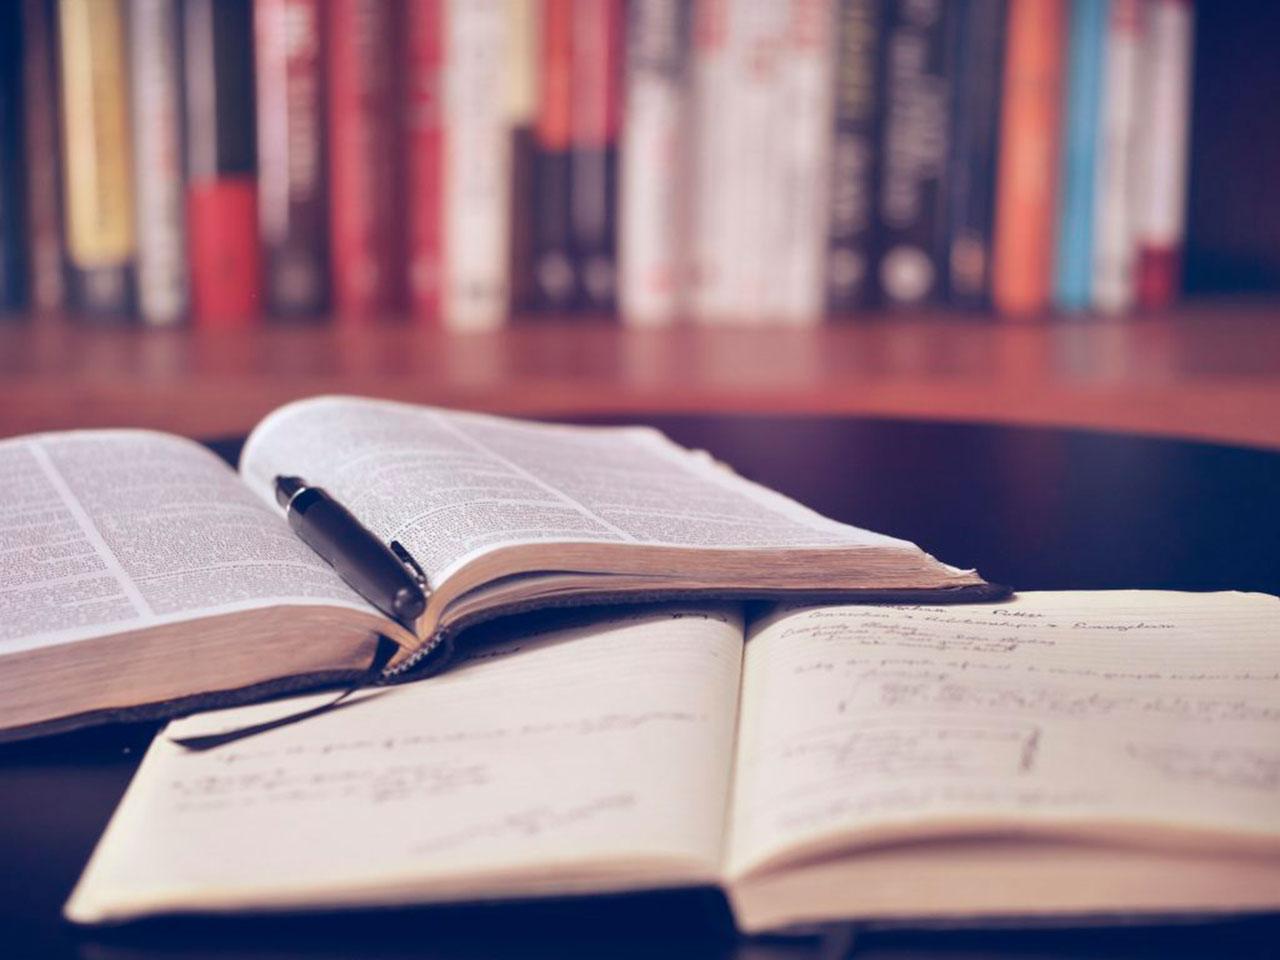 Bøger med bogreol som baggrund